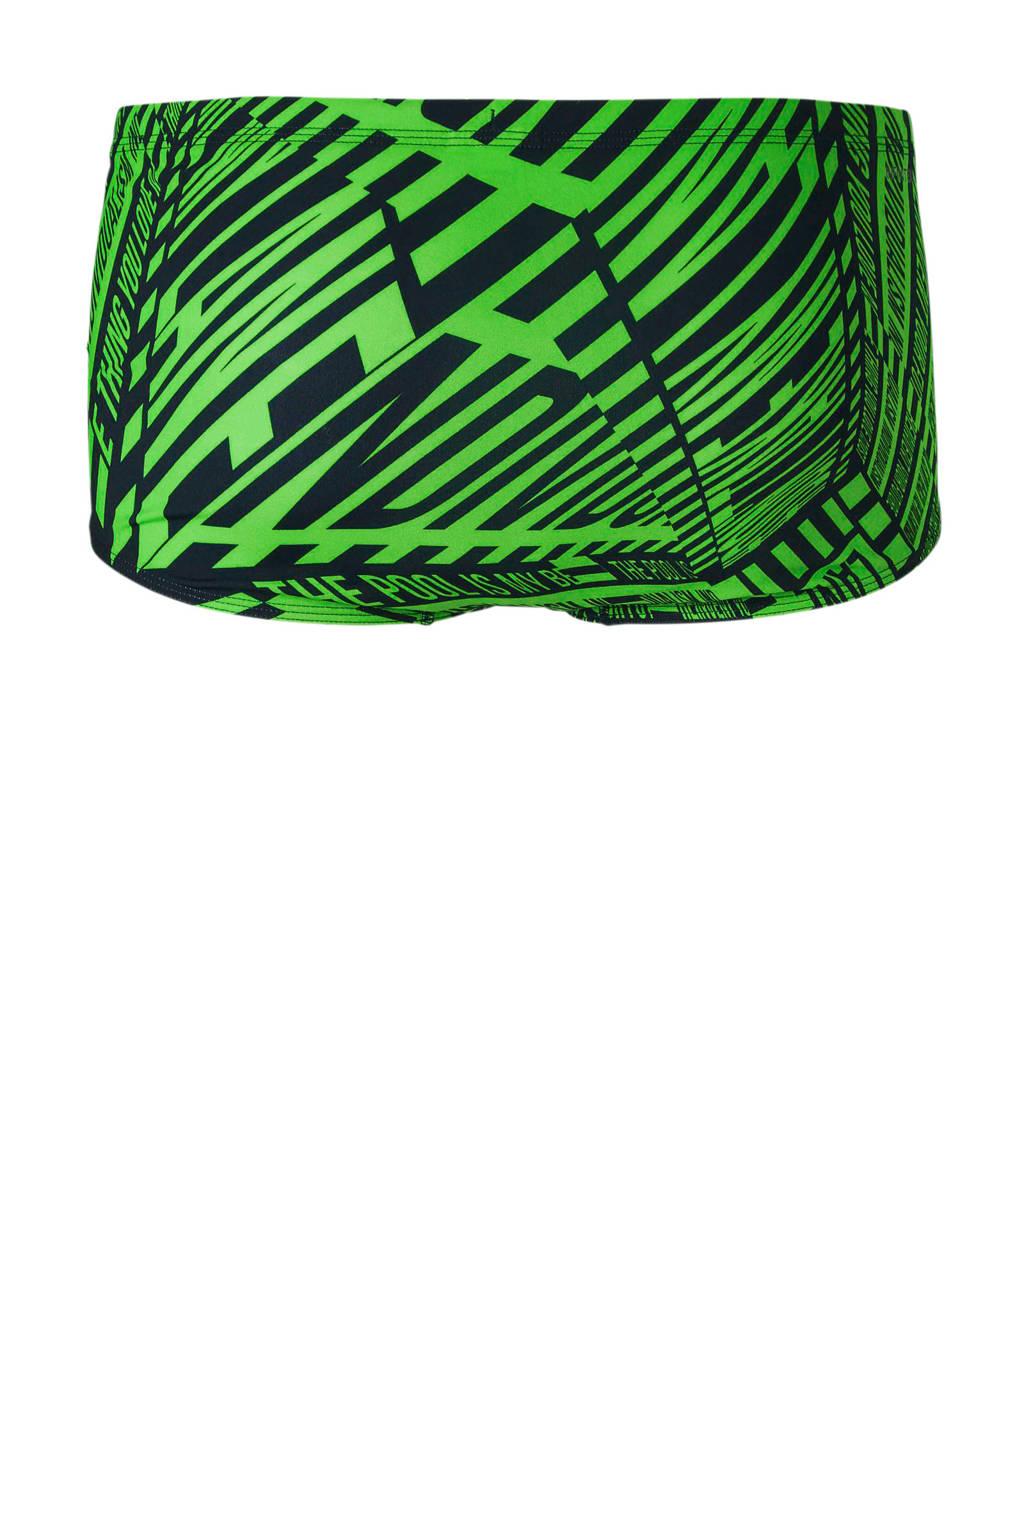 adidas performance infinitex zwemboxer in all over print groen, Groen/zwart